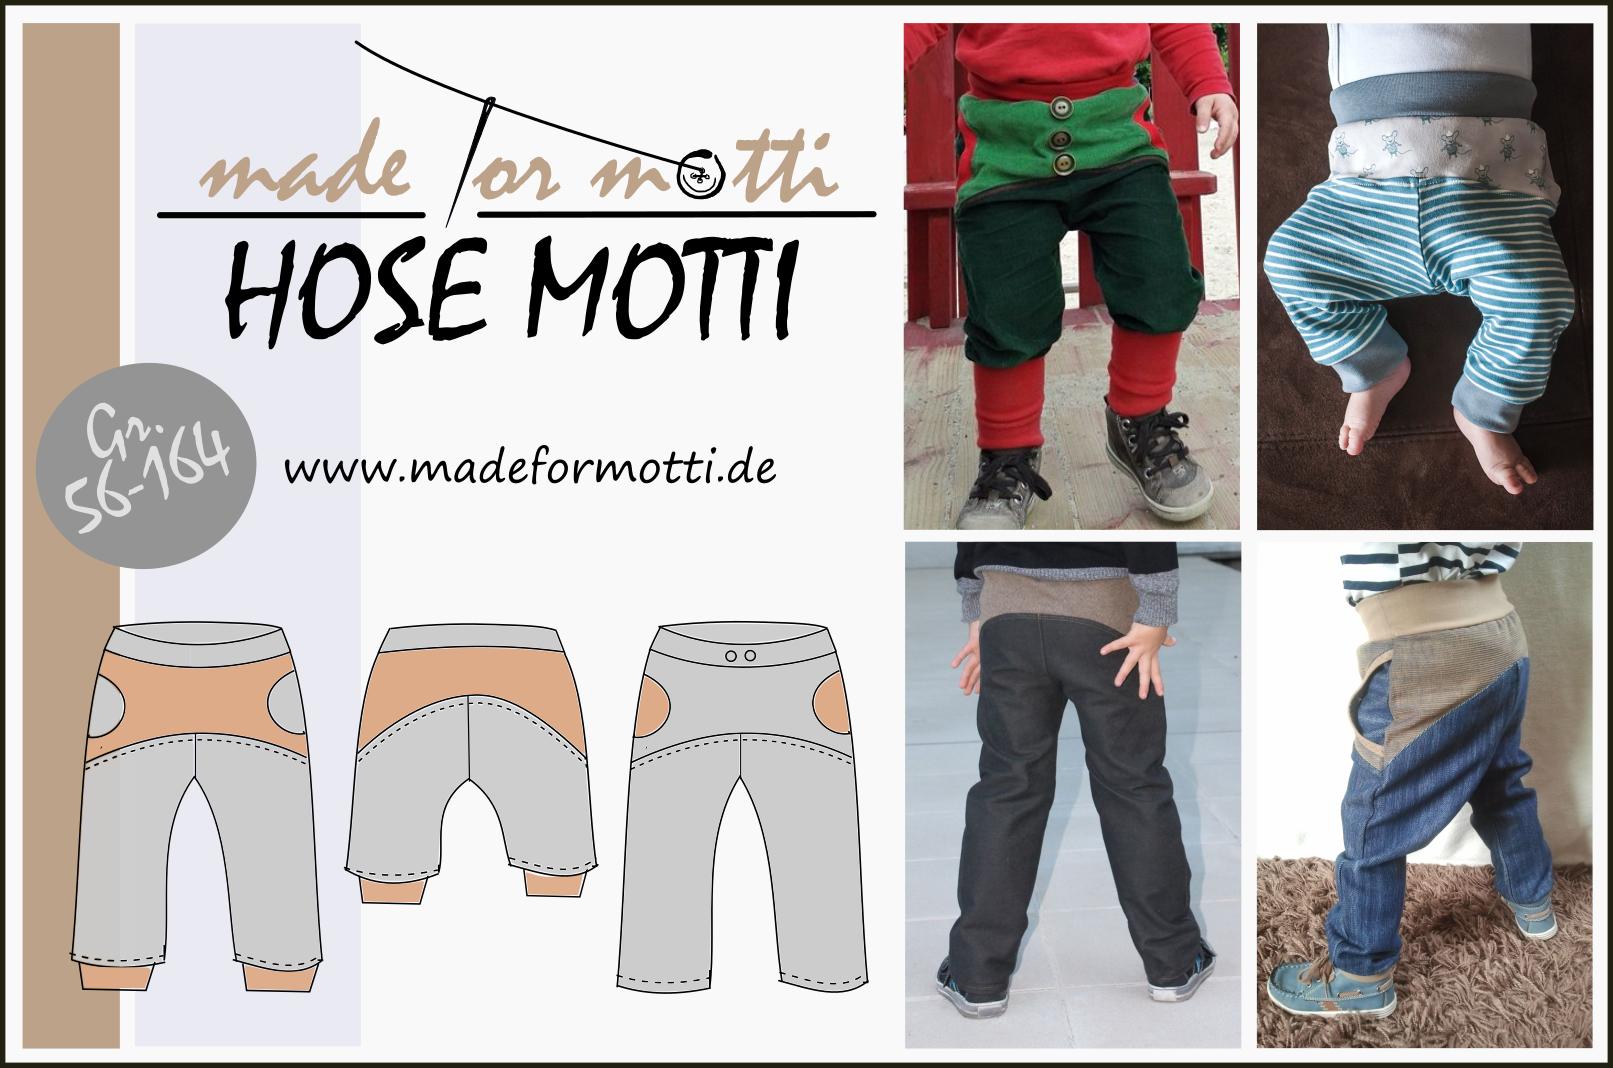 Titelbild für Schnittmuster Hose Motti von Made for Motti